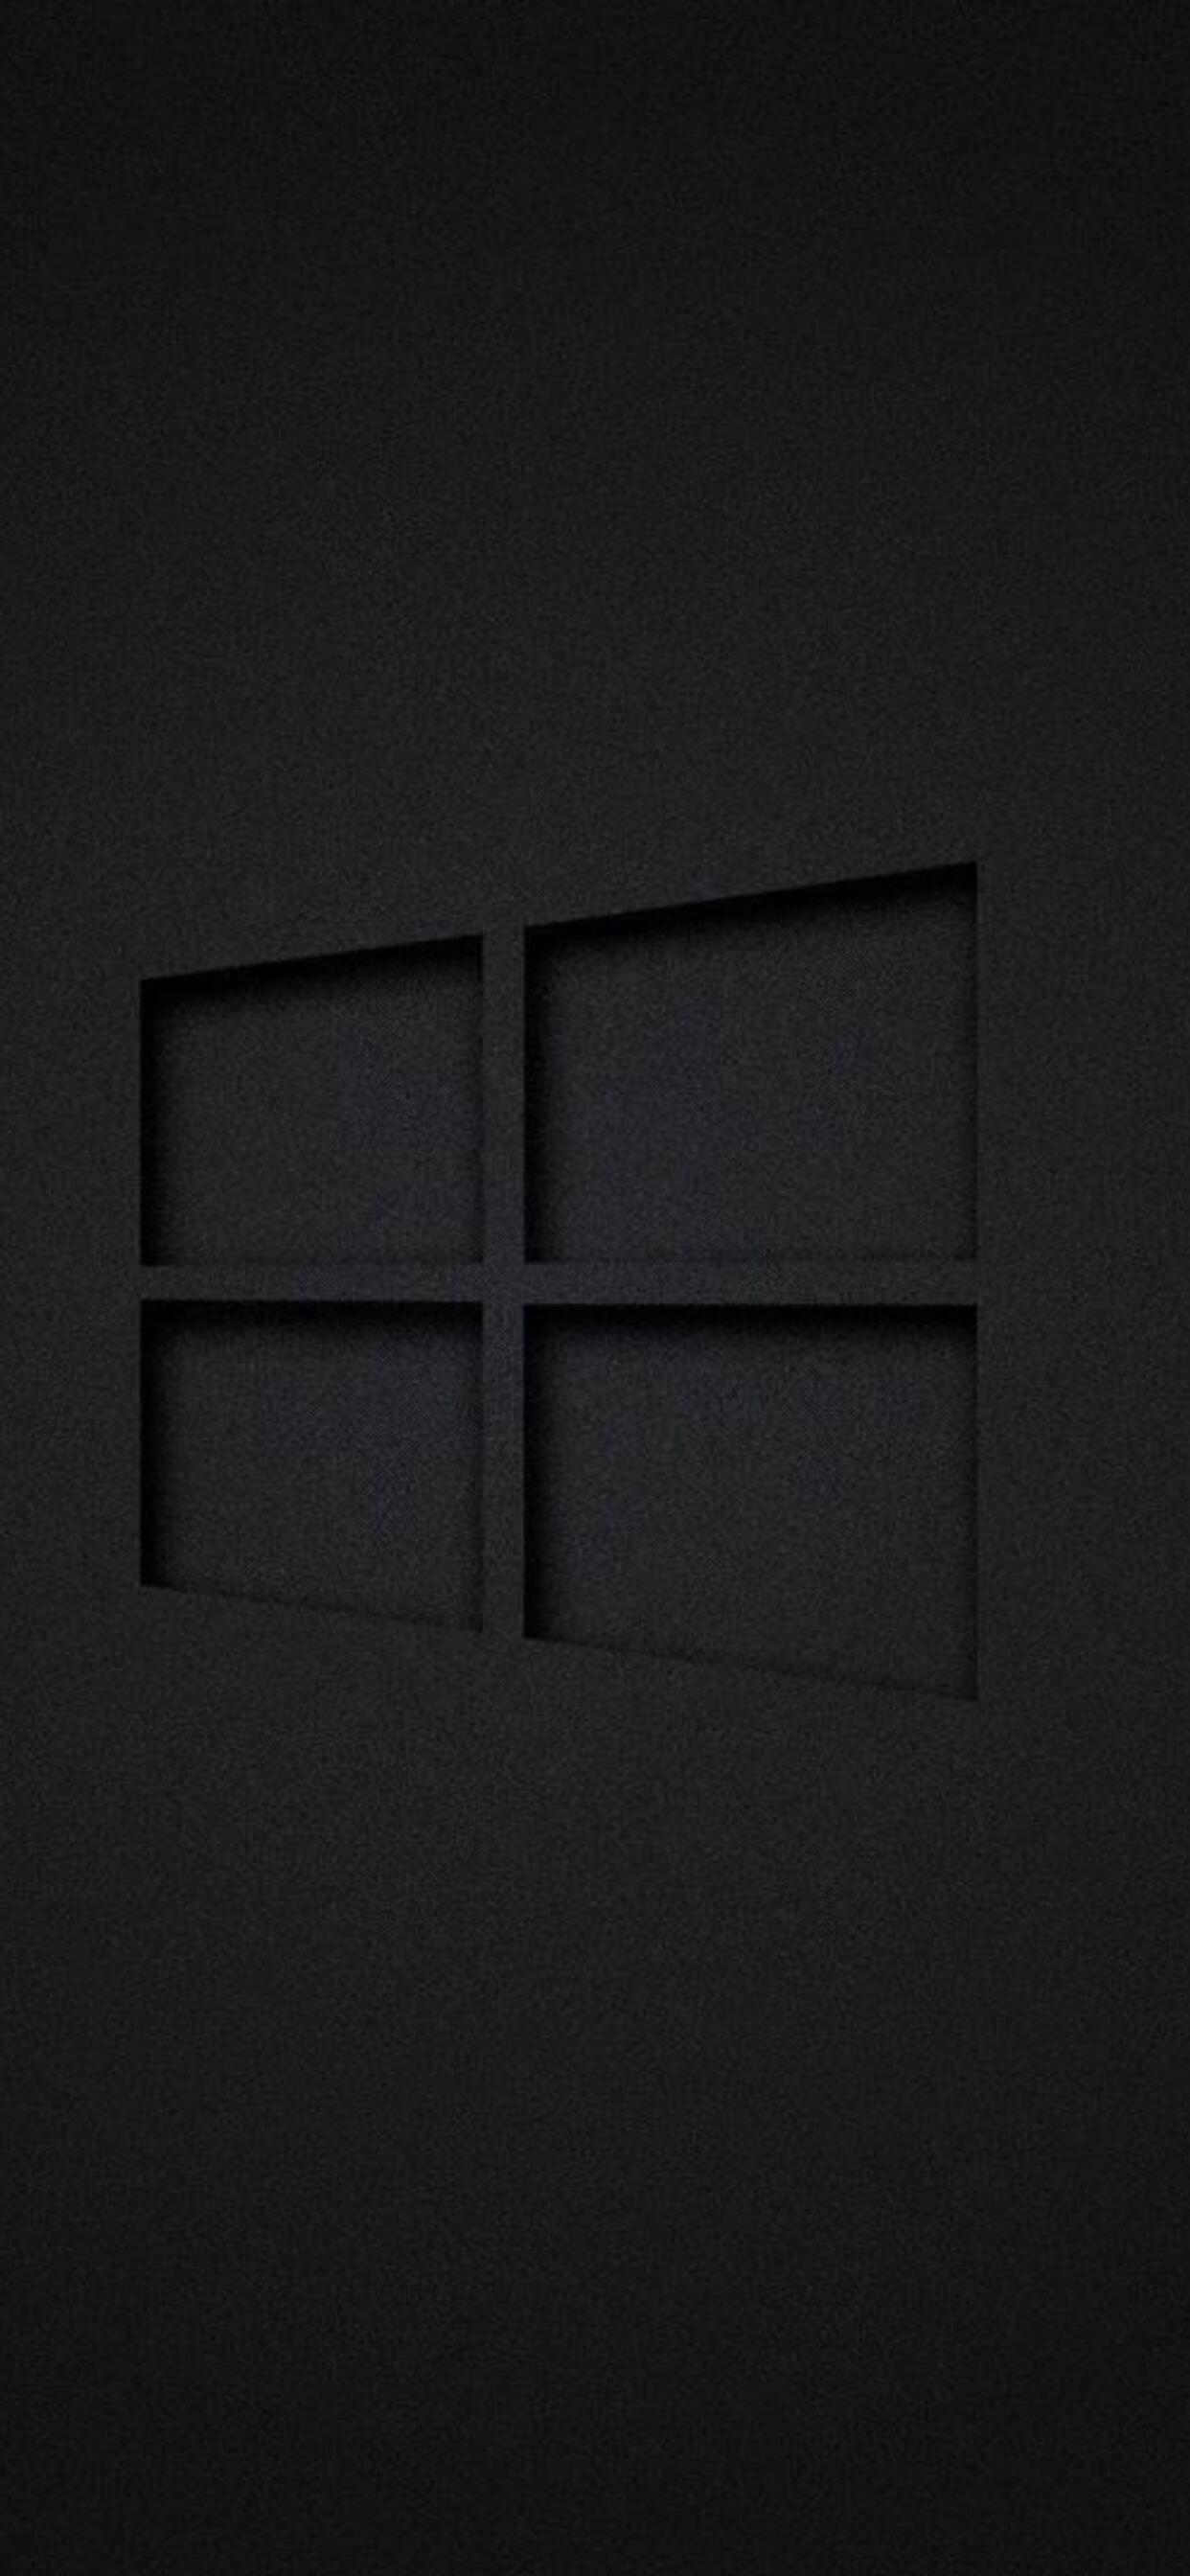 1242x2688 Windows 10 Dark Iphone Xs Max Hd 4k Wallpapers